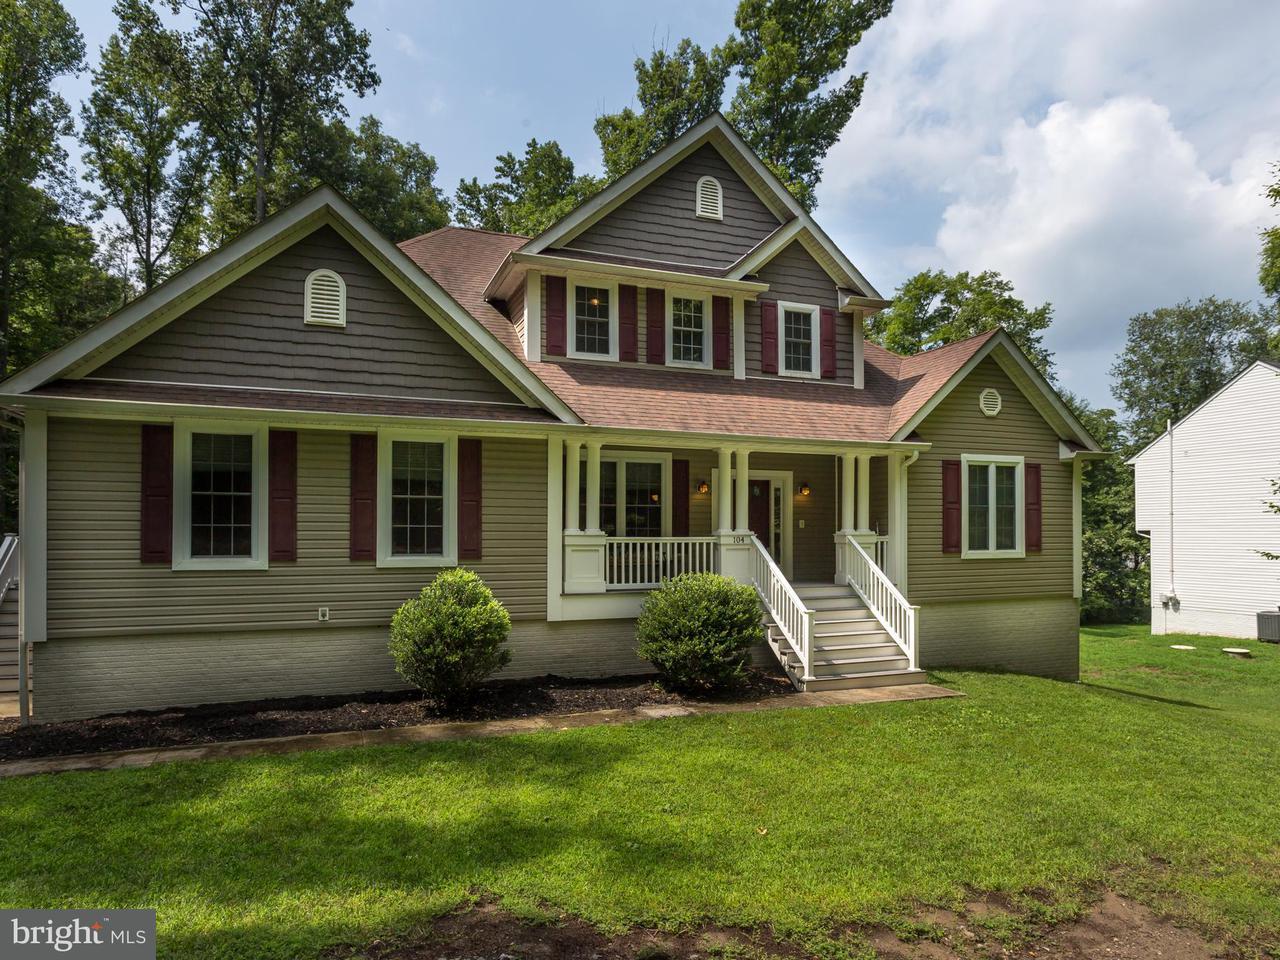 獨棟家庭住宅 為 出售 在 104 BROOKEWOOD Drive 104 BROOKEWOOD Drive Fredericksburg, 弗吉尼亞州 22405 美國